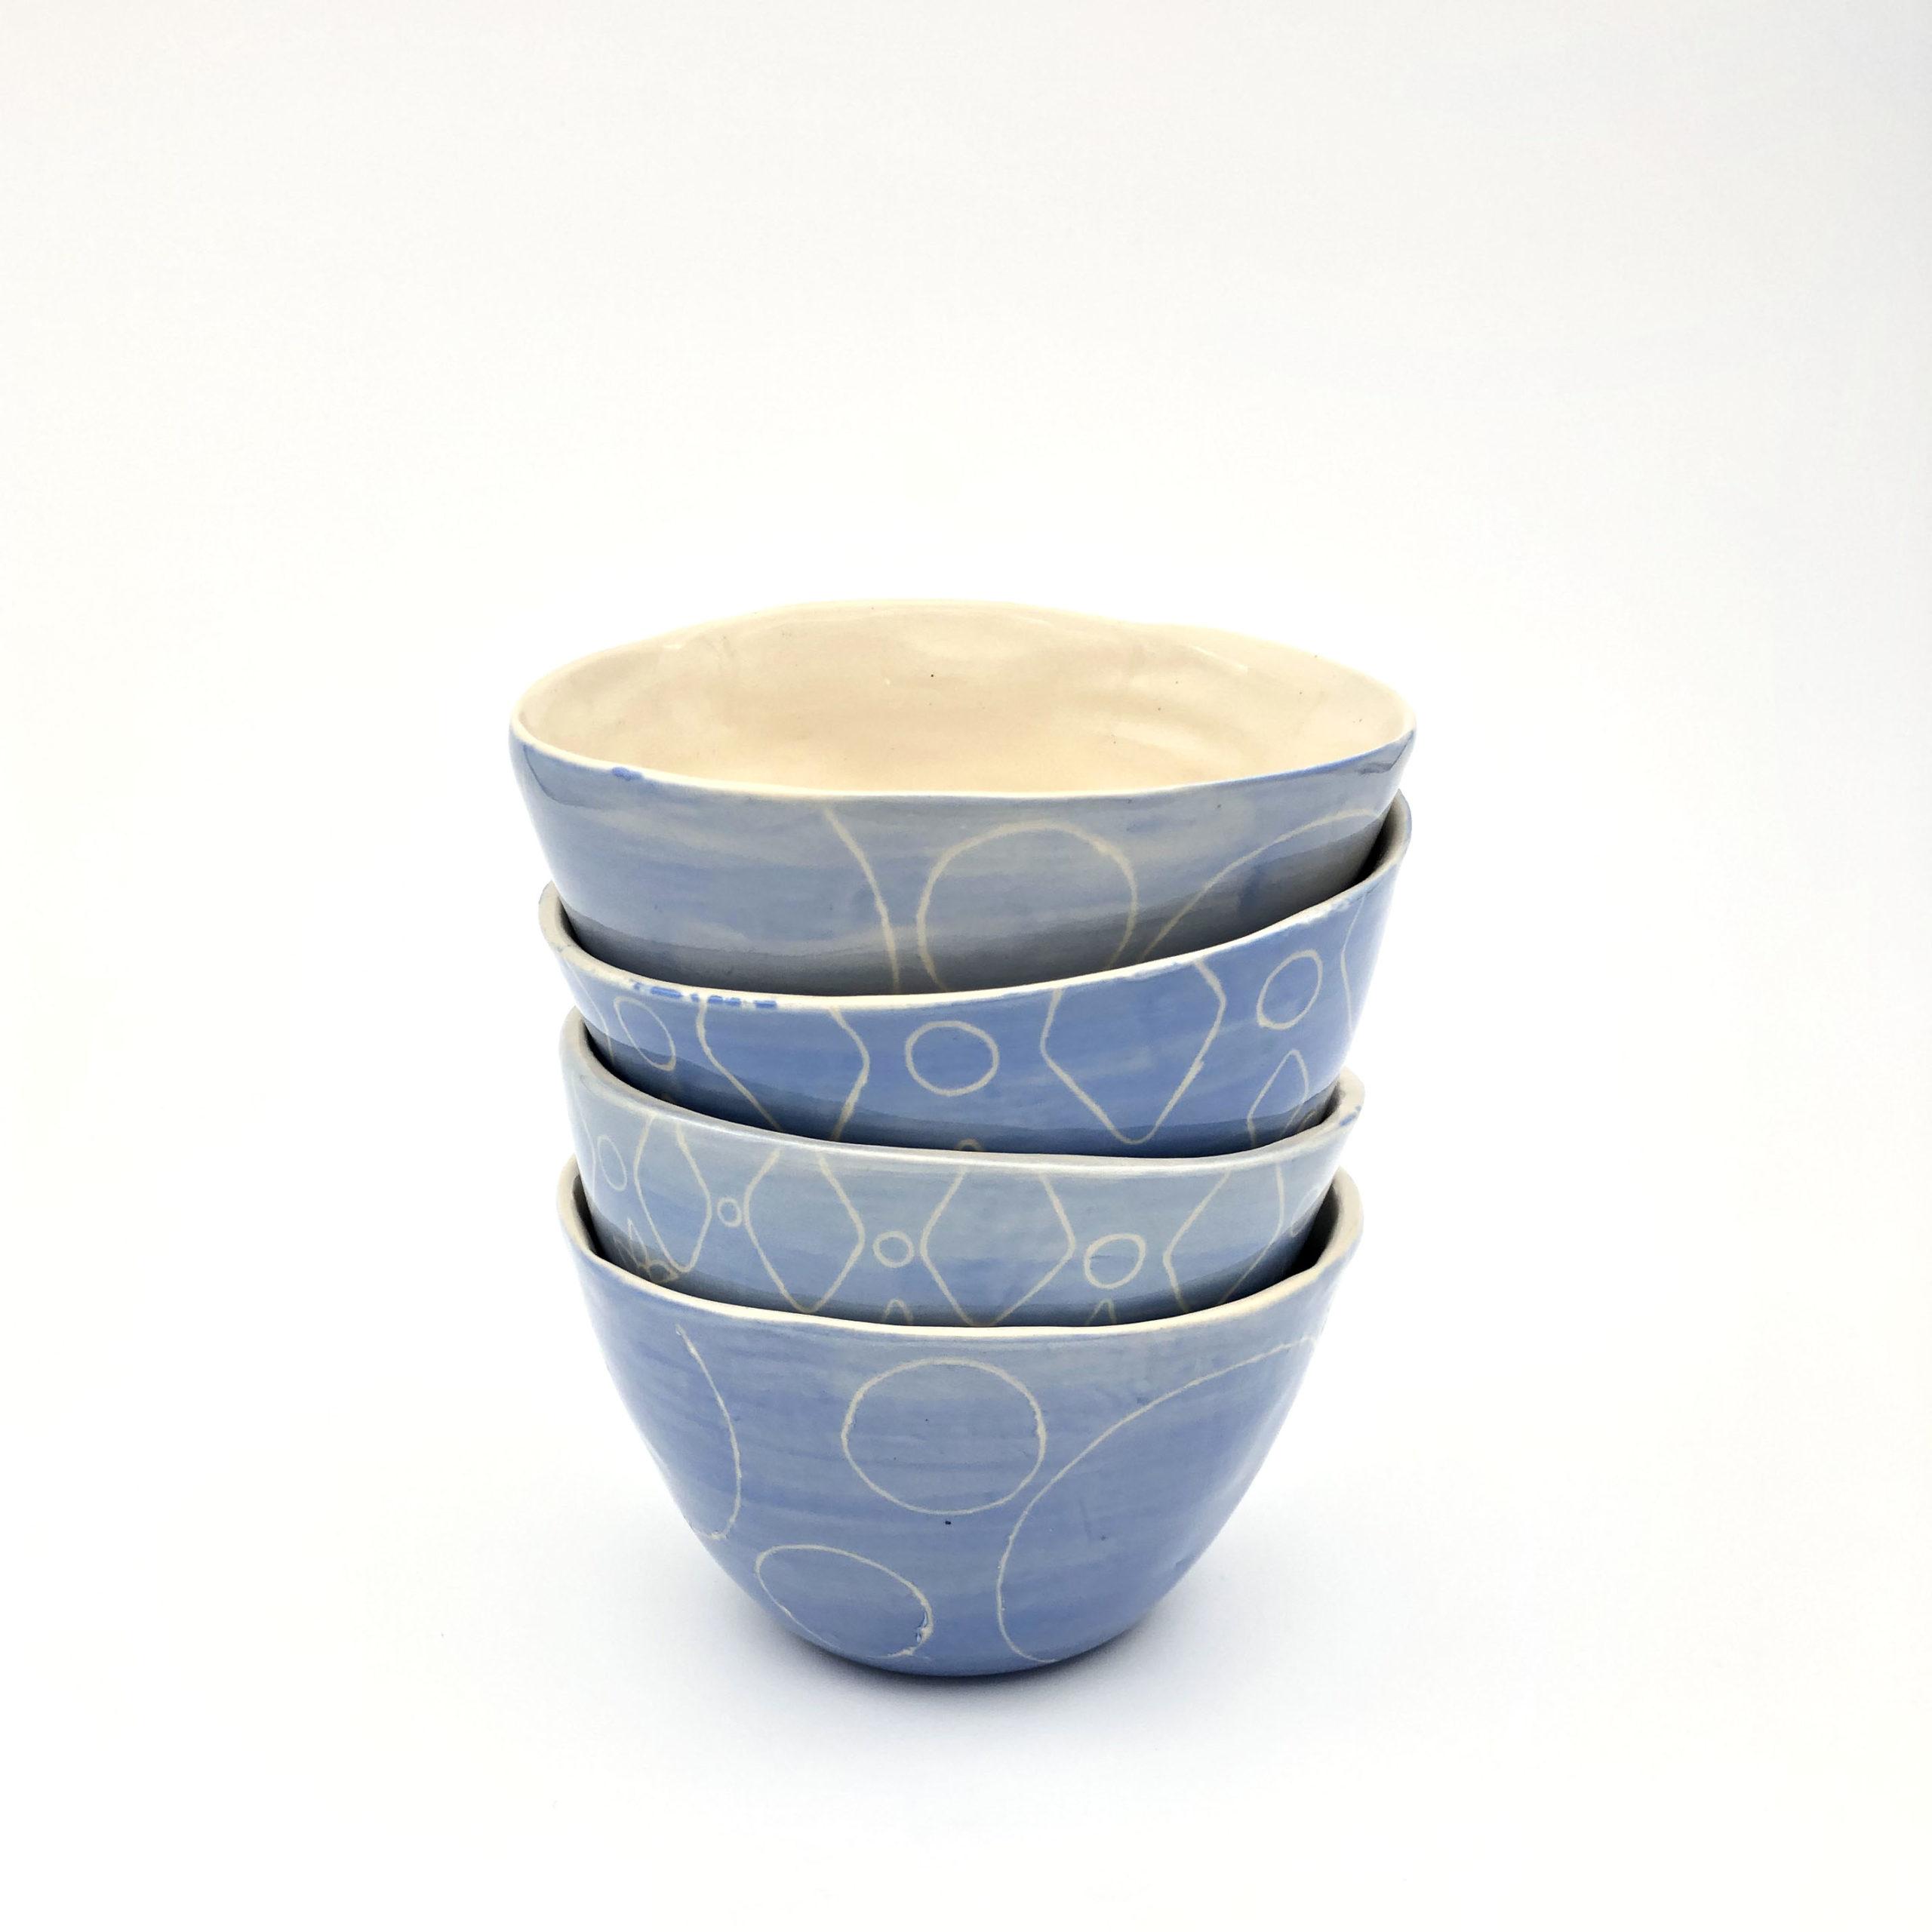 Sabah bowls